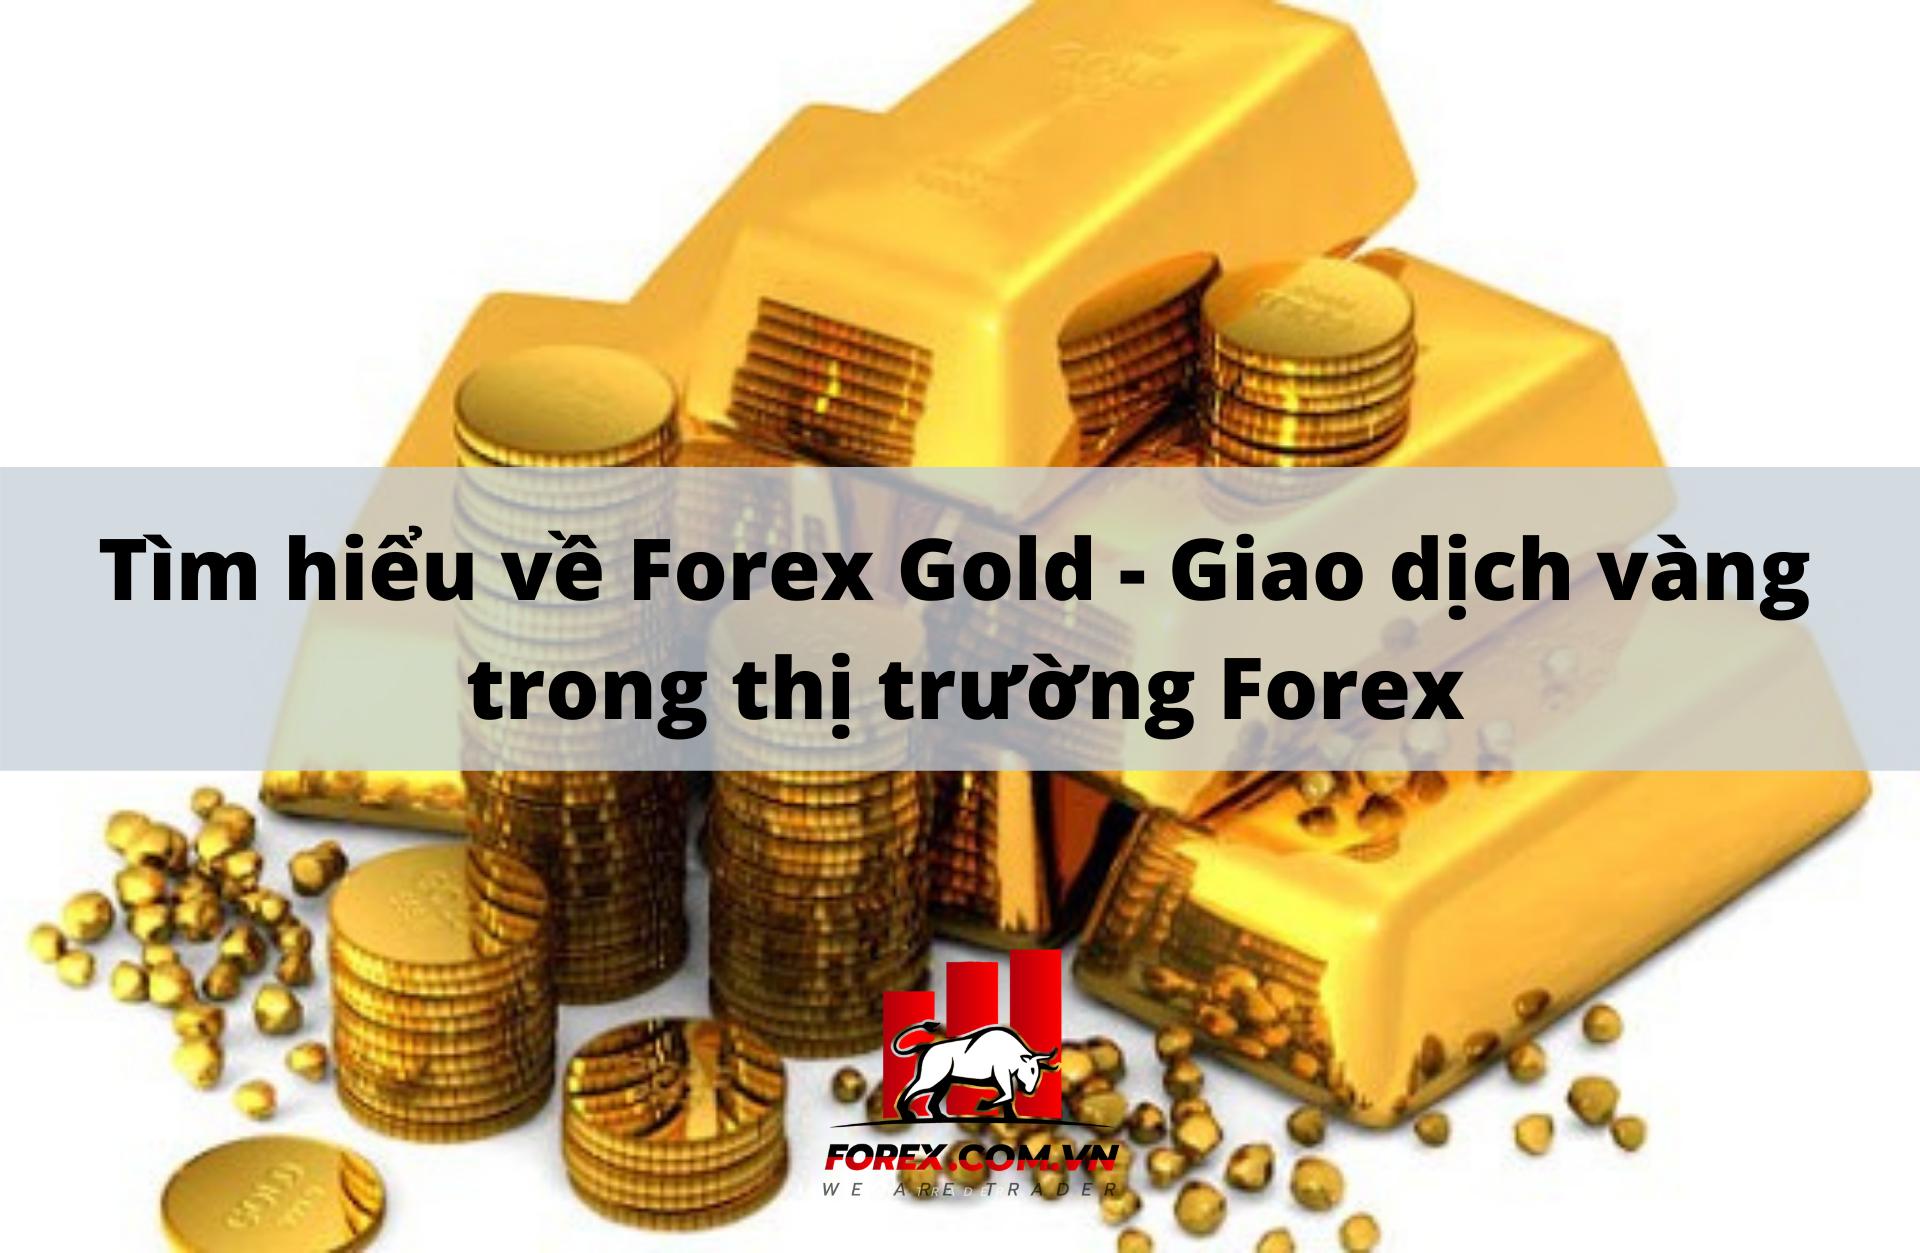 Tìm hiểu về Forex Gold - Giao dịch vàng trong thị trường Forex